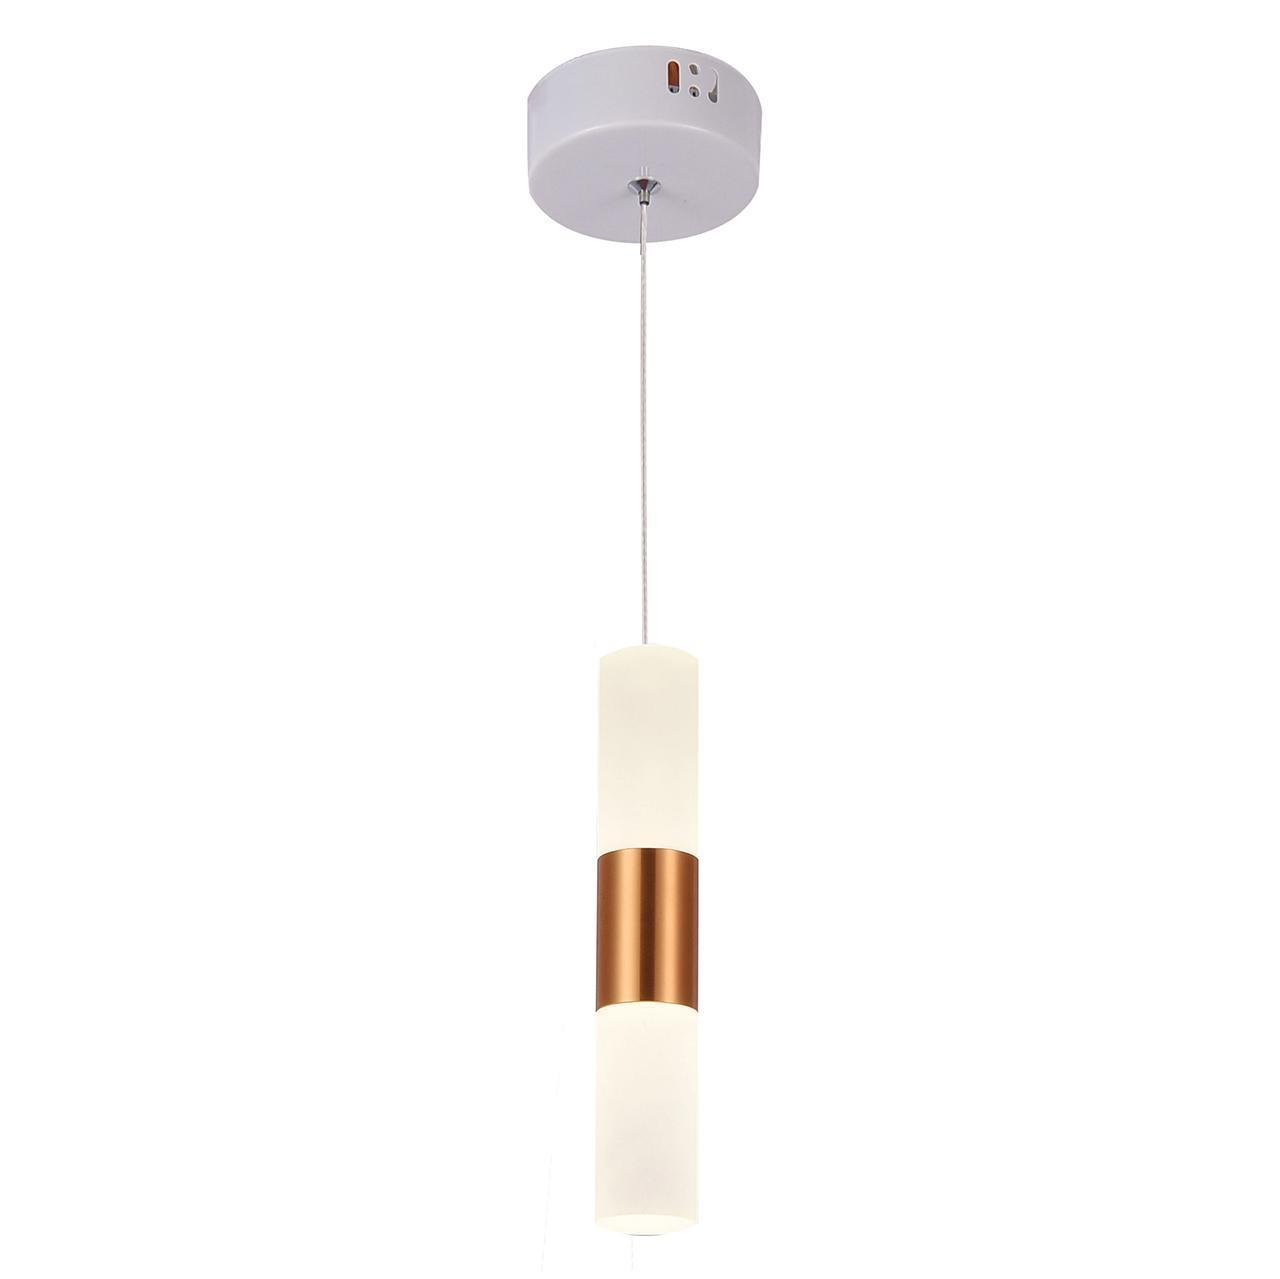 Подвесной светодиодный светильник Hiper Roll H822-4